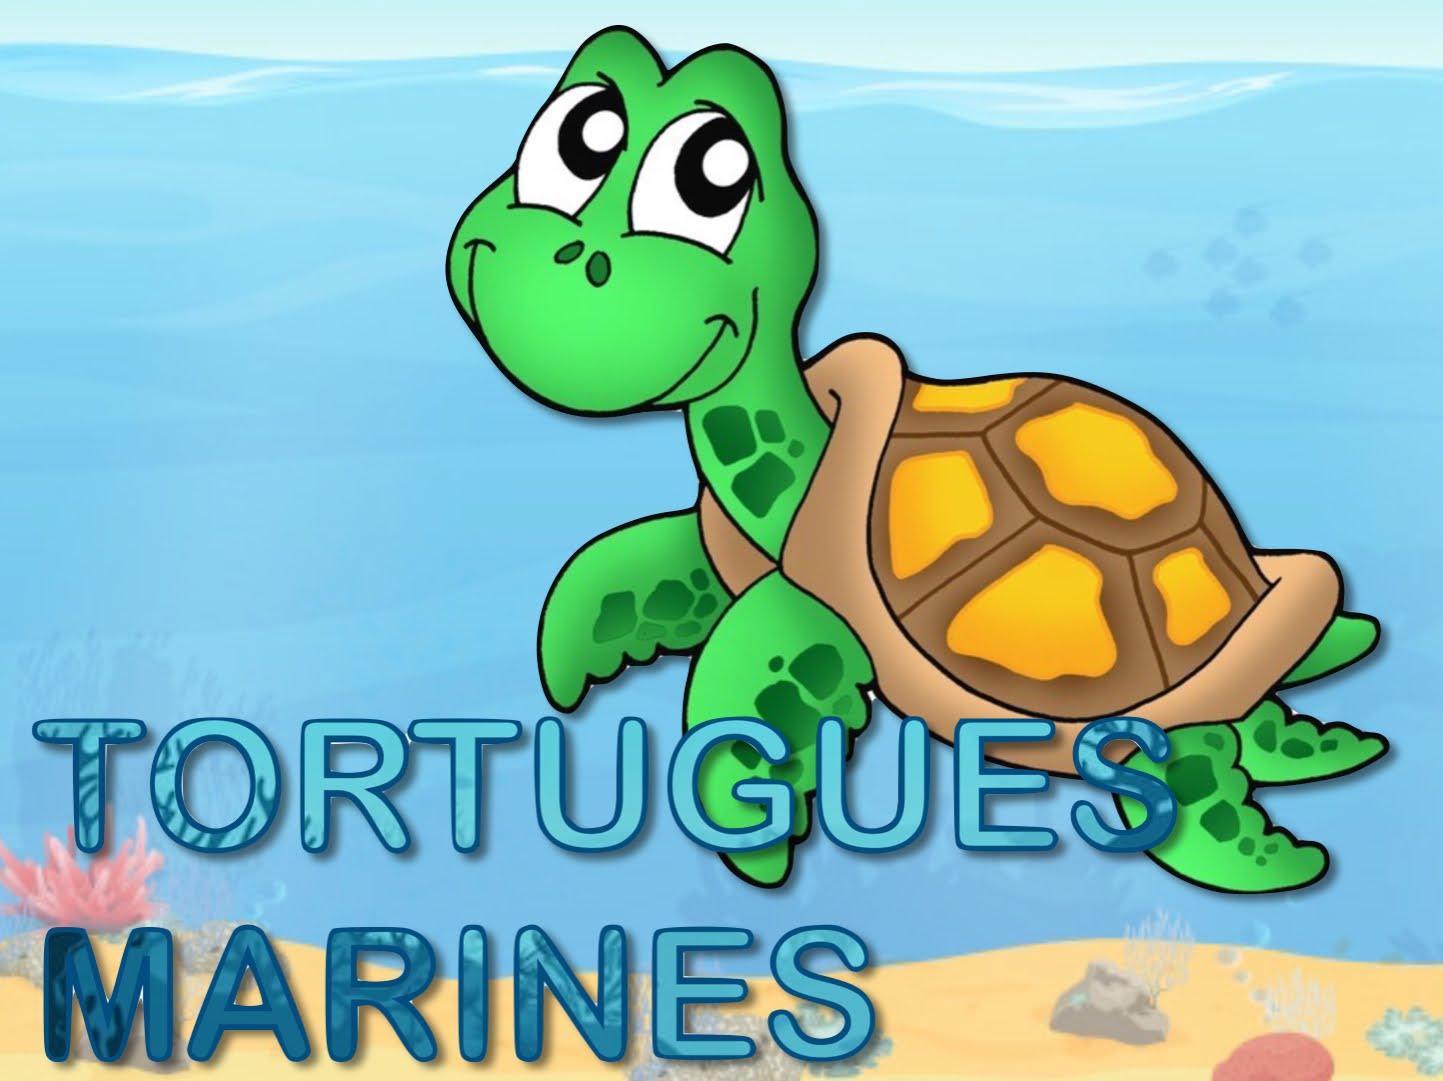 EI3A TORTUGUES MARINES